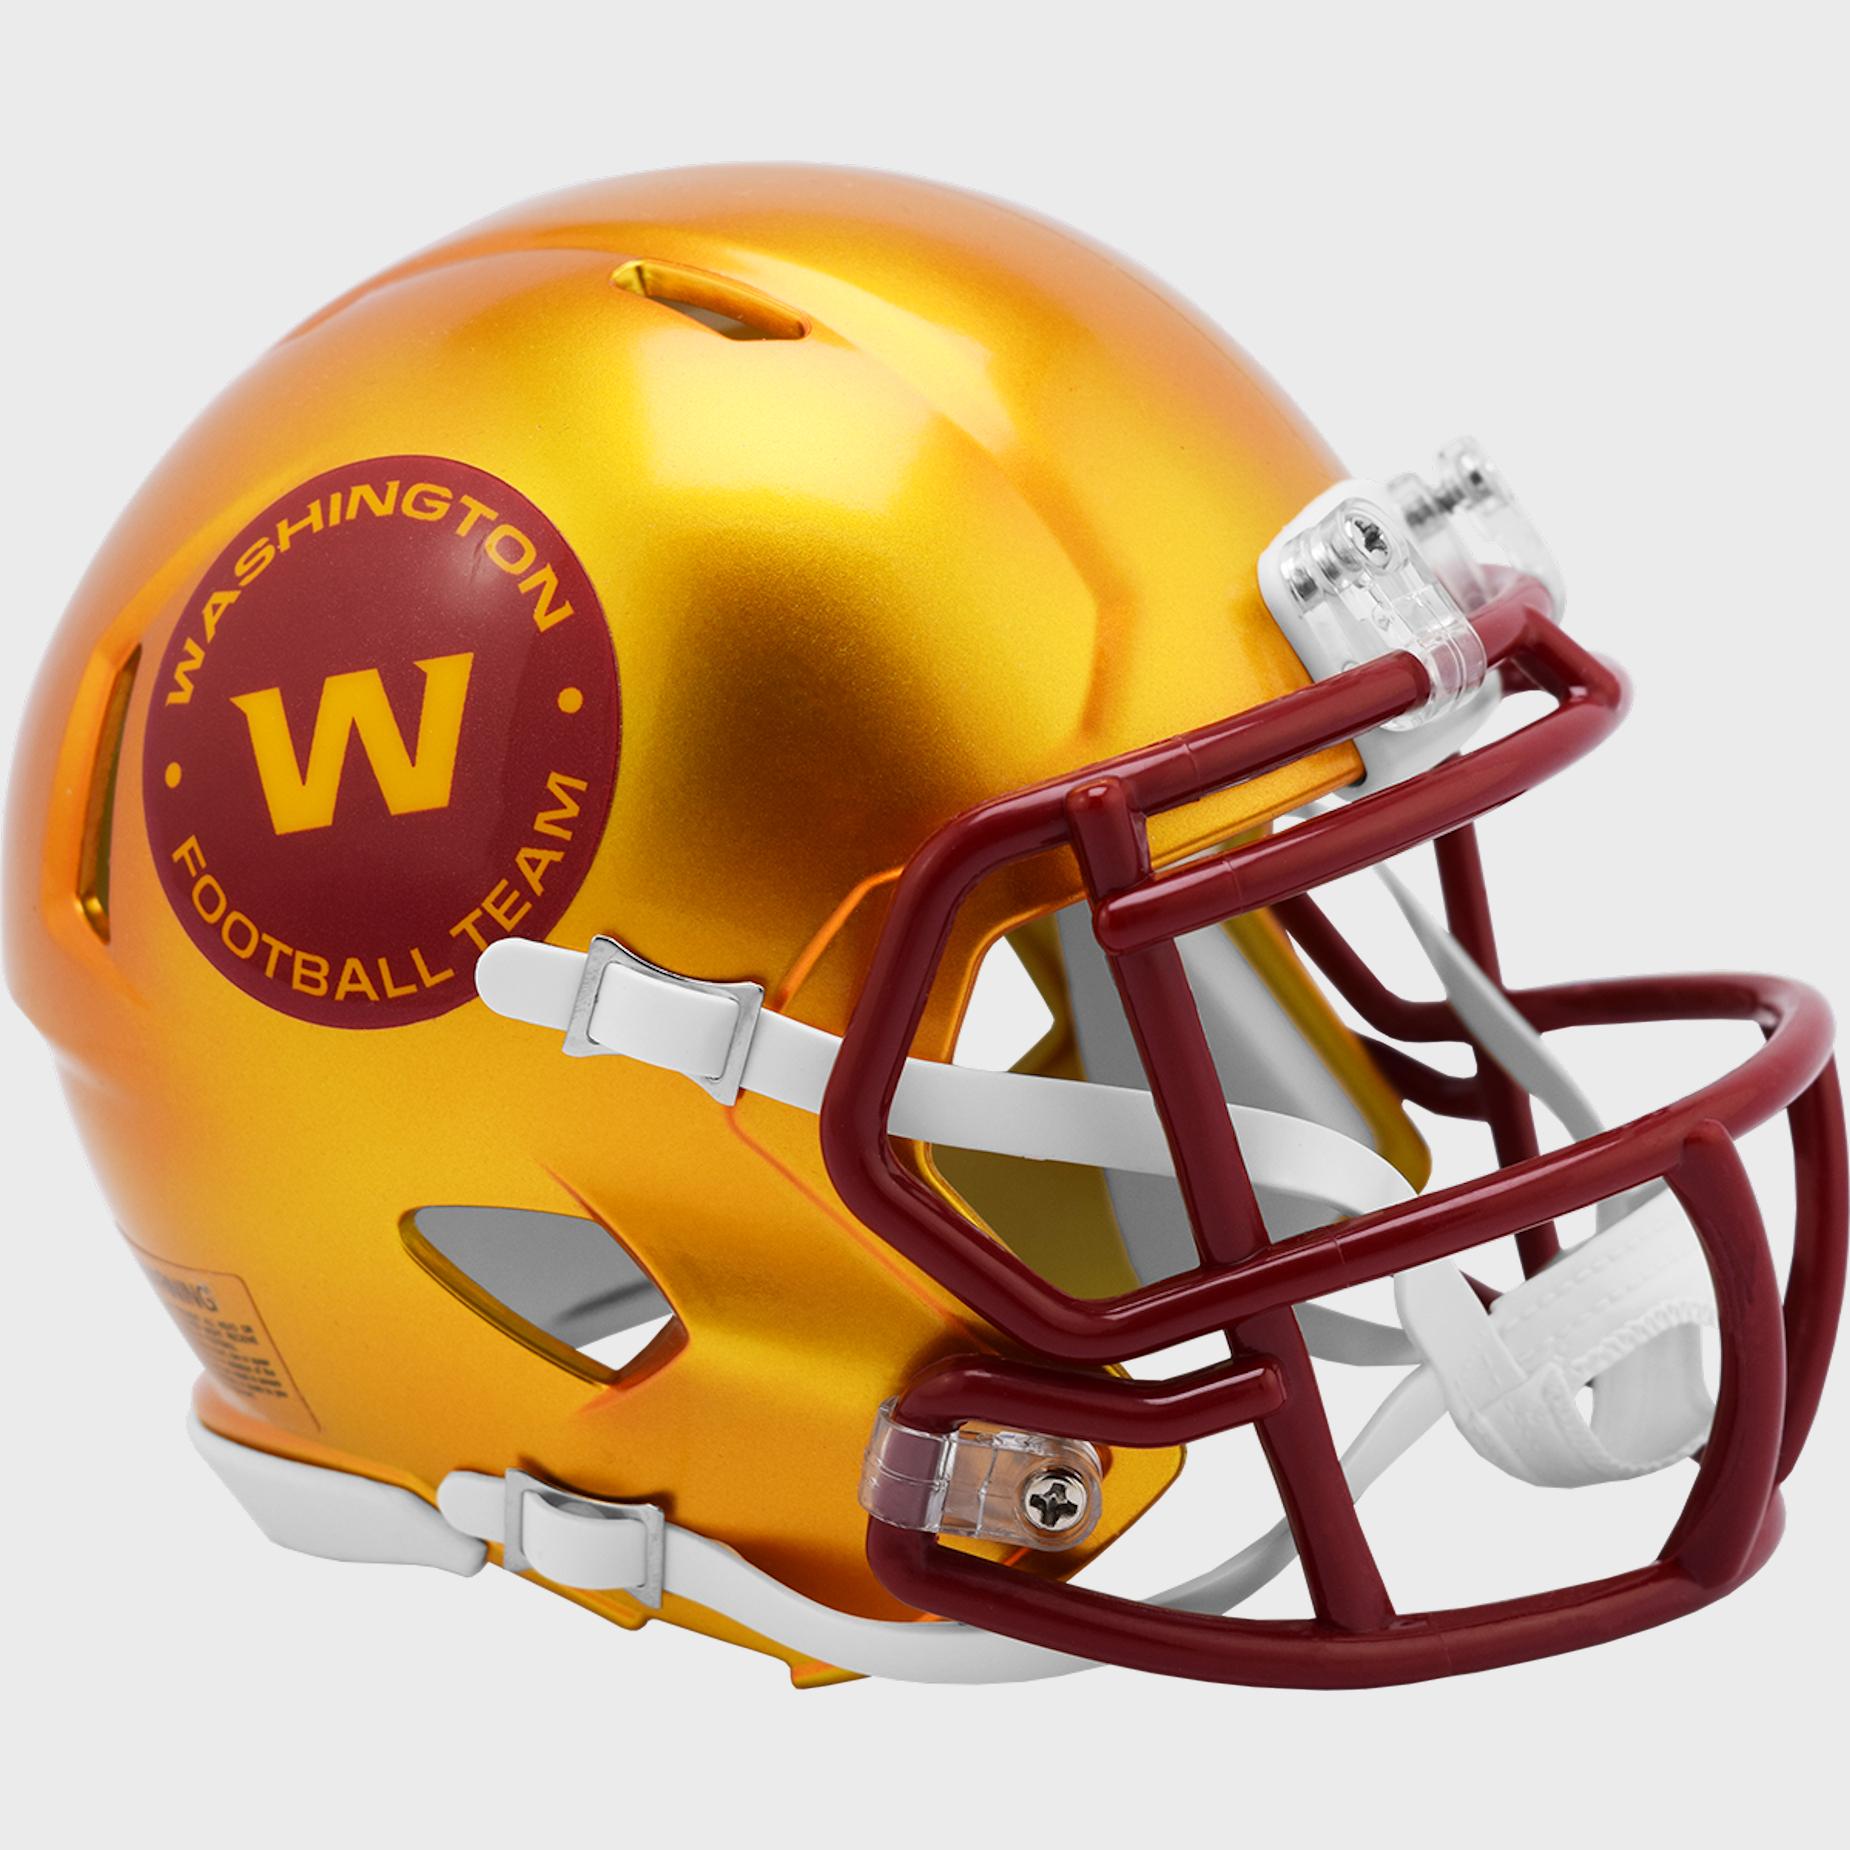 Washington Football Team Speed Mini Football Helmet <B>FLASH ESD 8/21/21</B>